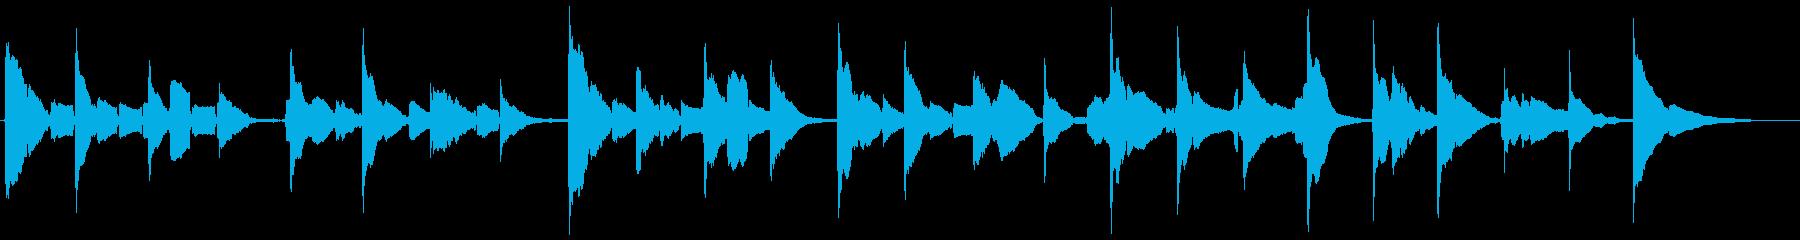 サックスとギターの官能的な曲の再生済みの波形